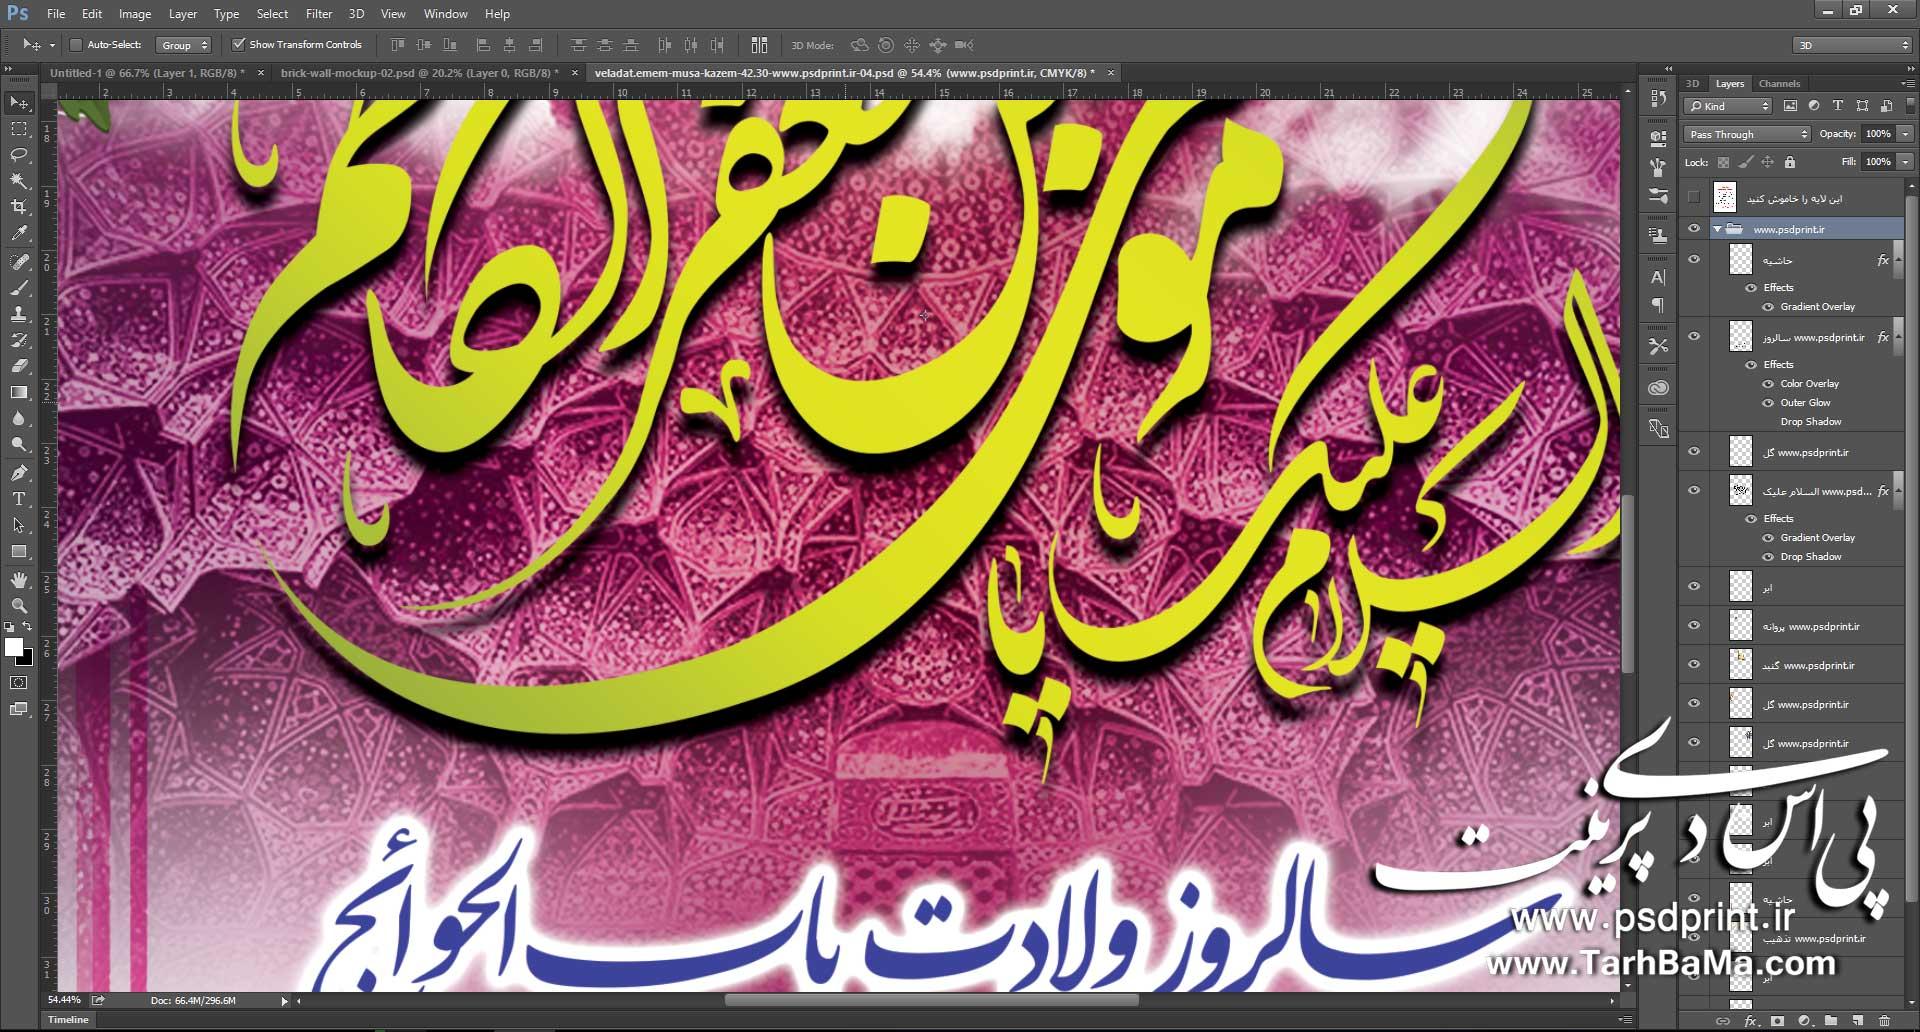 بنر+ولادت+امام+موسی+کاظم